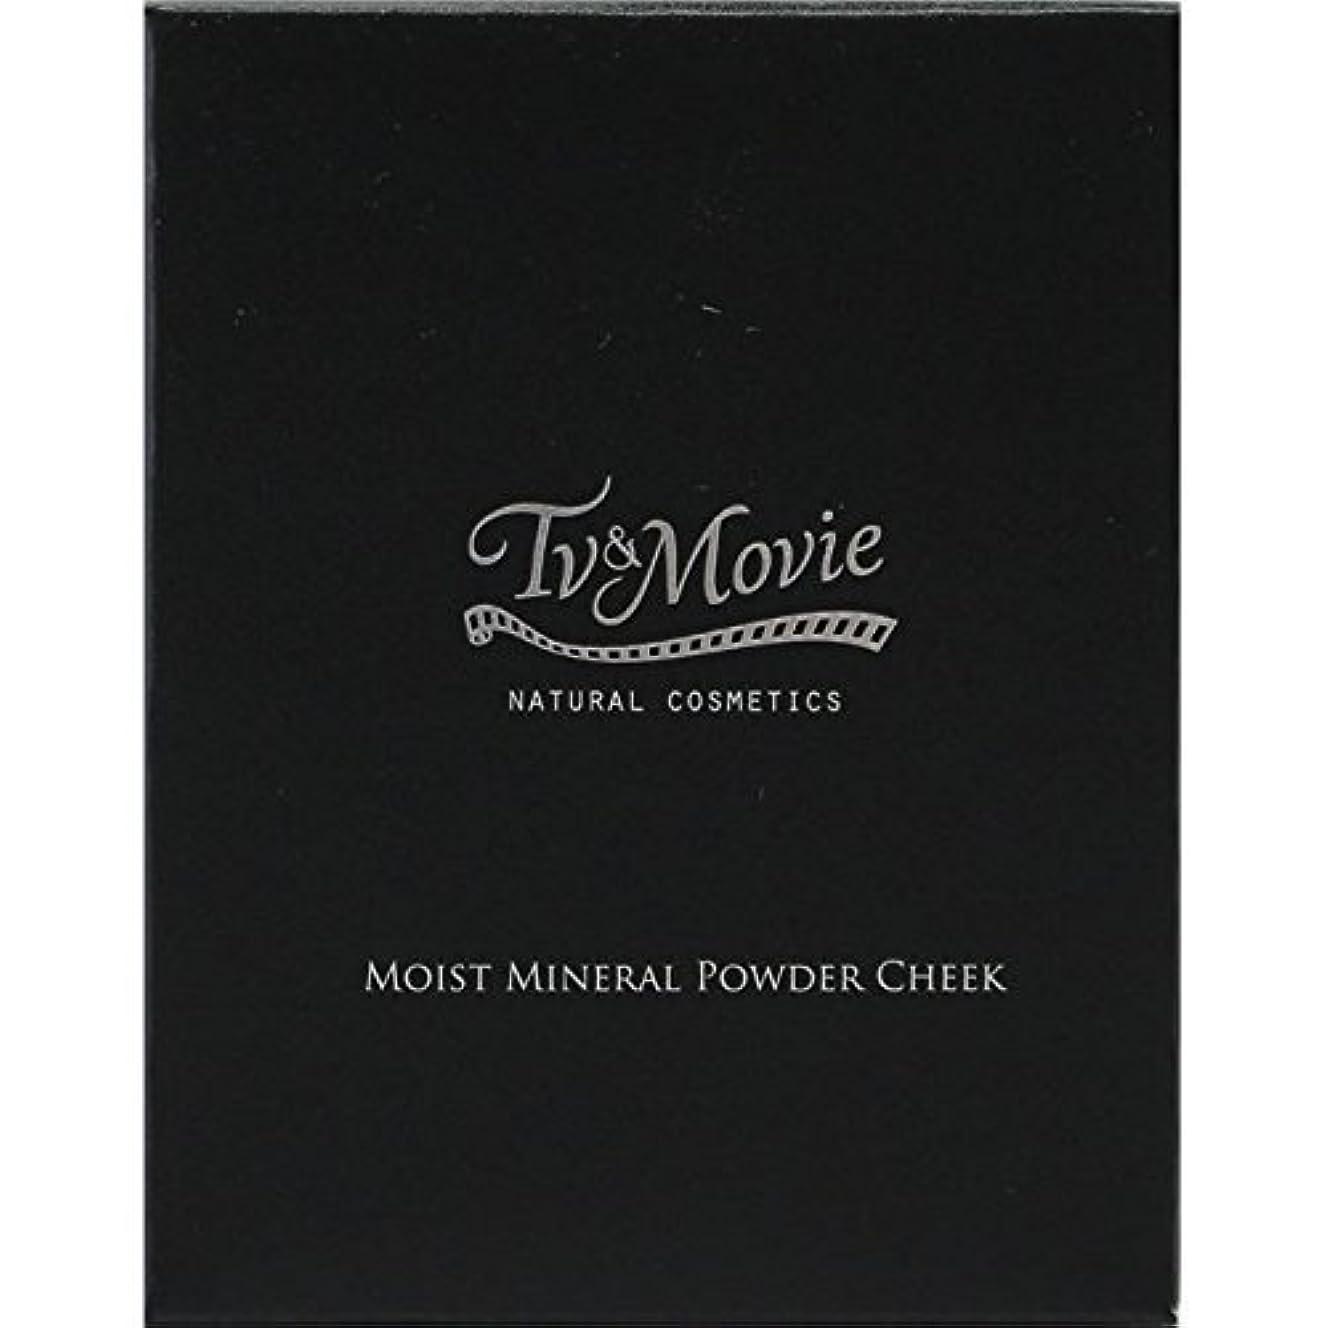 泥だらけ白菜トラブルTv&Movie モイストミネラル パウダーチーク 02 スイートオレンジ 5g